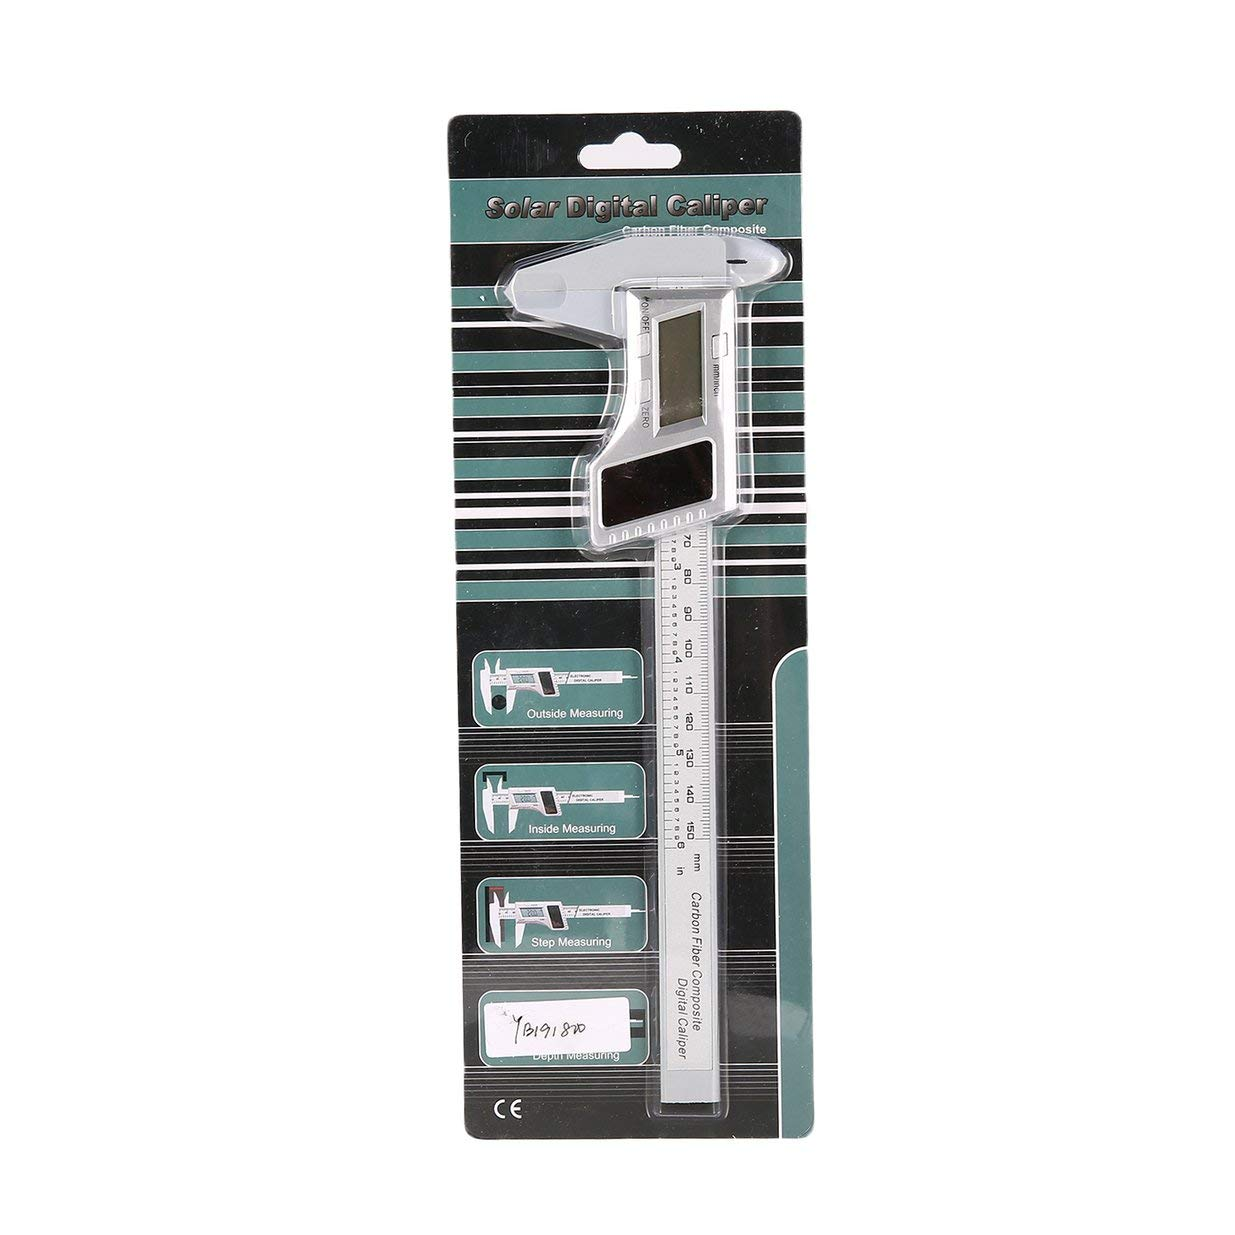 Banbie8409 Calibrador a Vernier Compuesto de Fibra de Carbono Digital LCD de 150 mm y 6 Pulgadas (Plata)